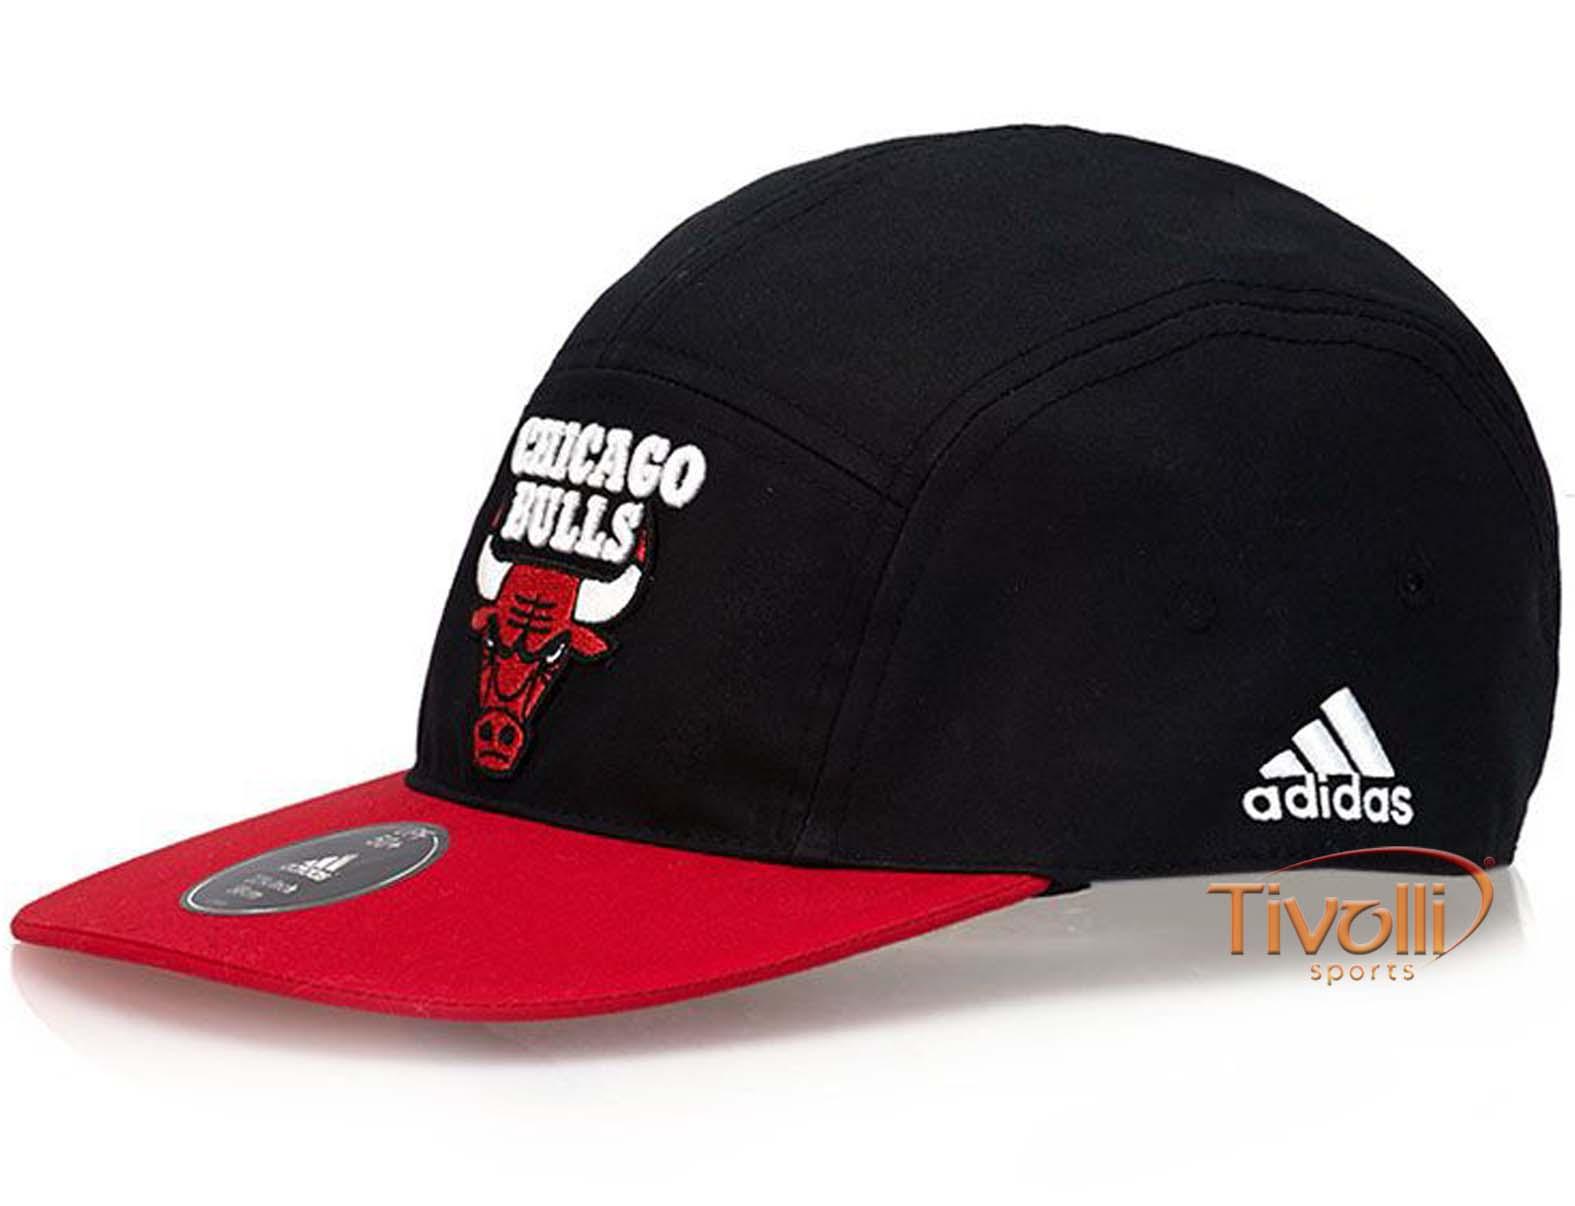 4f90af51c14a8 Boné Adidas Chicago Bulls NBA Aba Reta   Preto e Vermelho